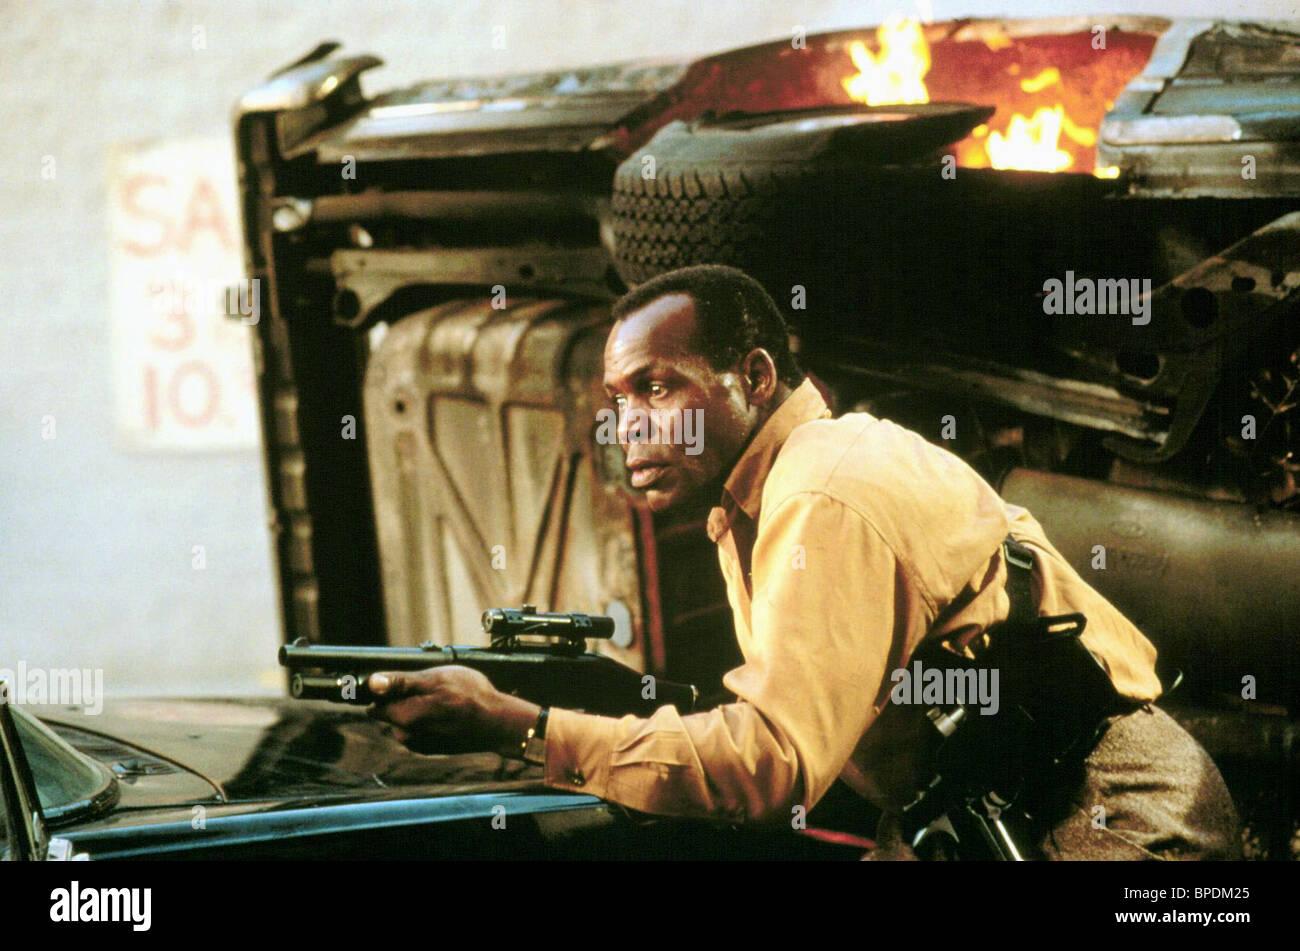 DANNY GLOVER PREDATOR 2 (1990 Stock Photo, Royalty Free ... Predator 2 Danny Glover